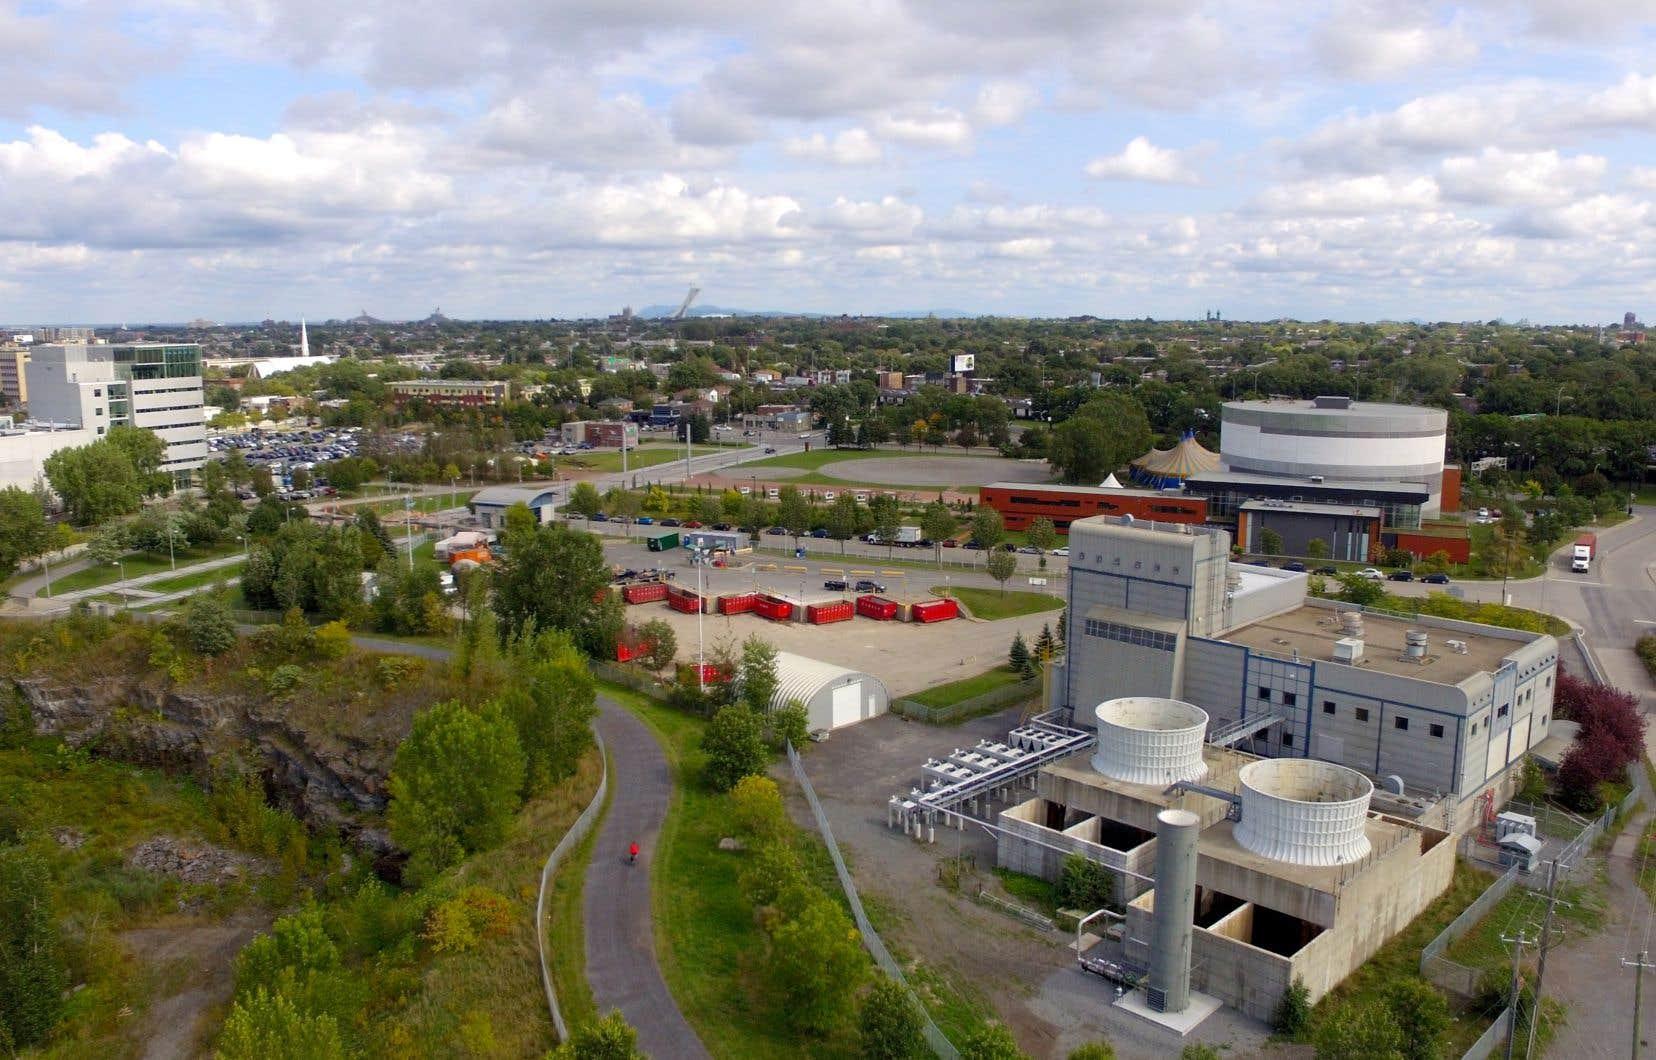 La centrale Biomont récupère le biogaz de l'ancien dépotoir du quartier Saint-Michel pour le transformer en énergie et alimenter en chaleur des établissements proches tels que le Cirque du Soleil et la Tohu.